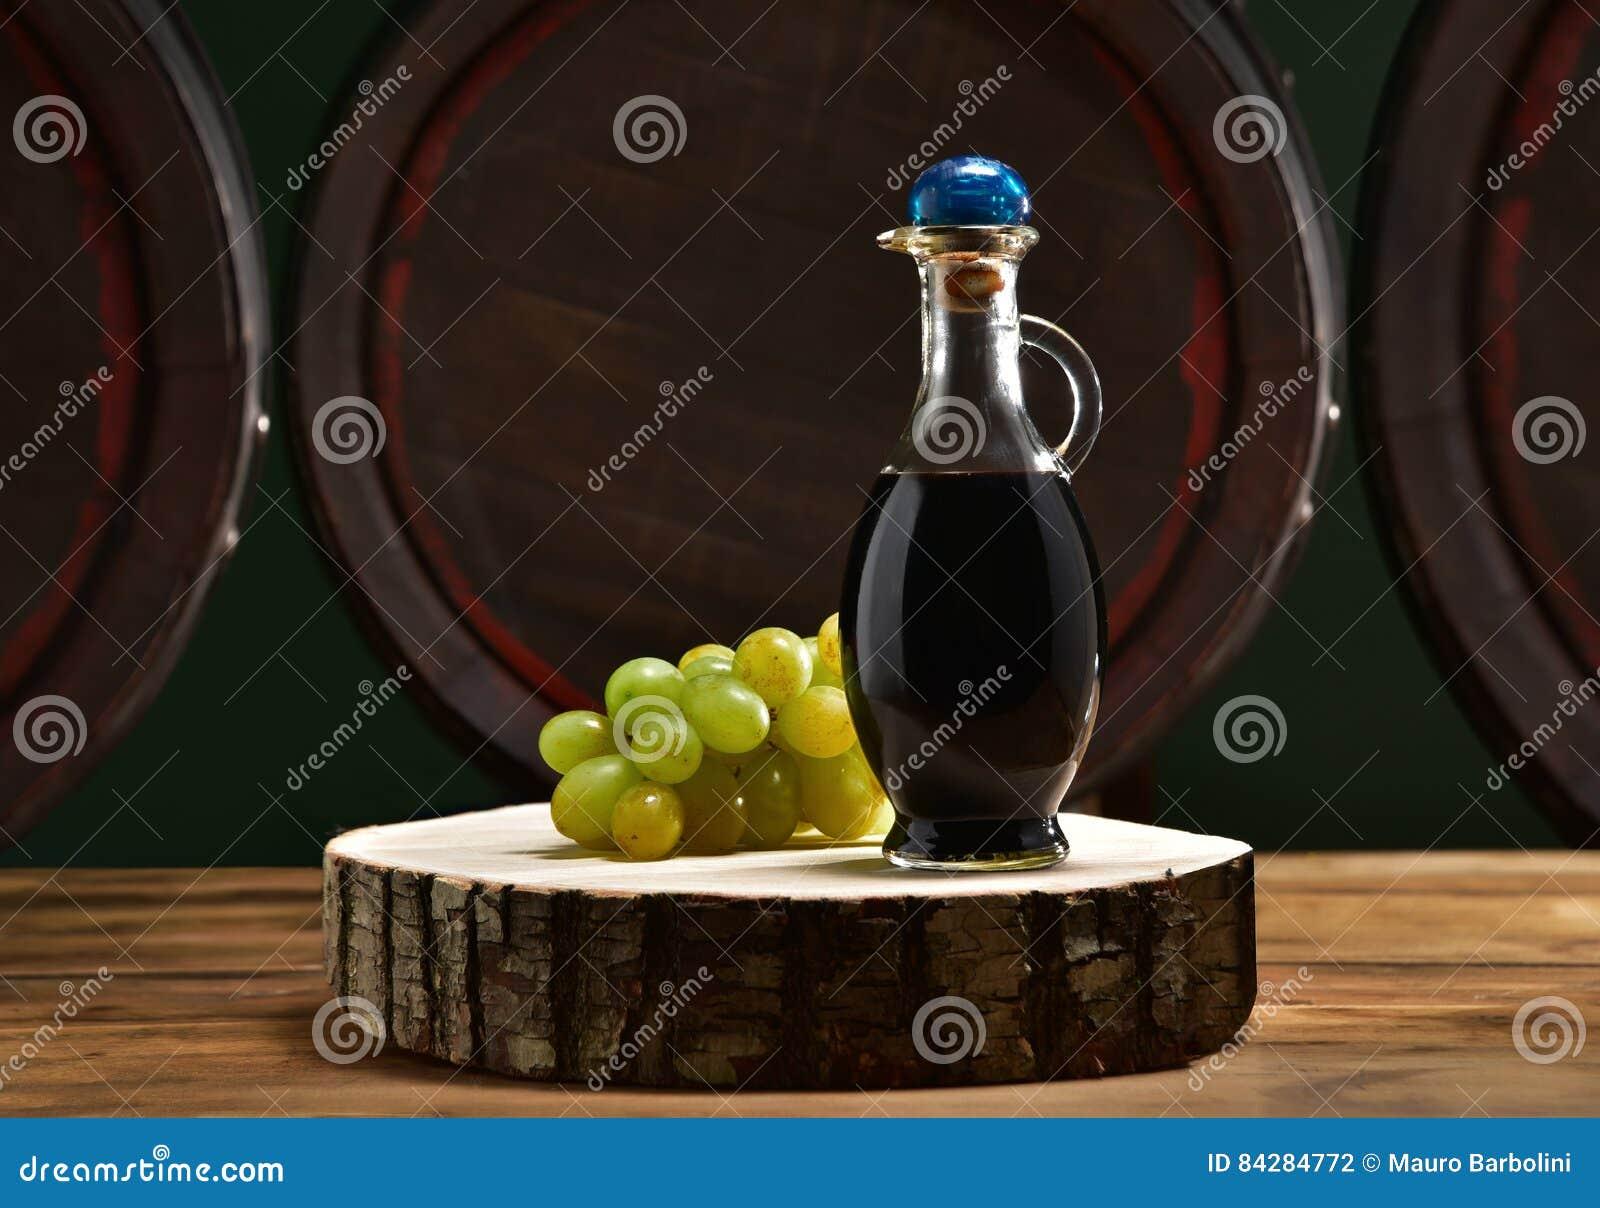 Aceto balsamico con botti stock photo  Image of modena